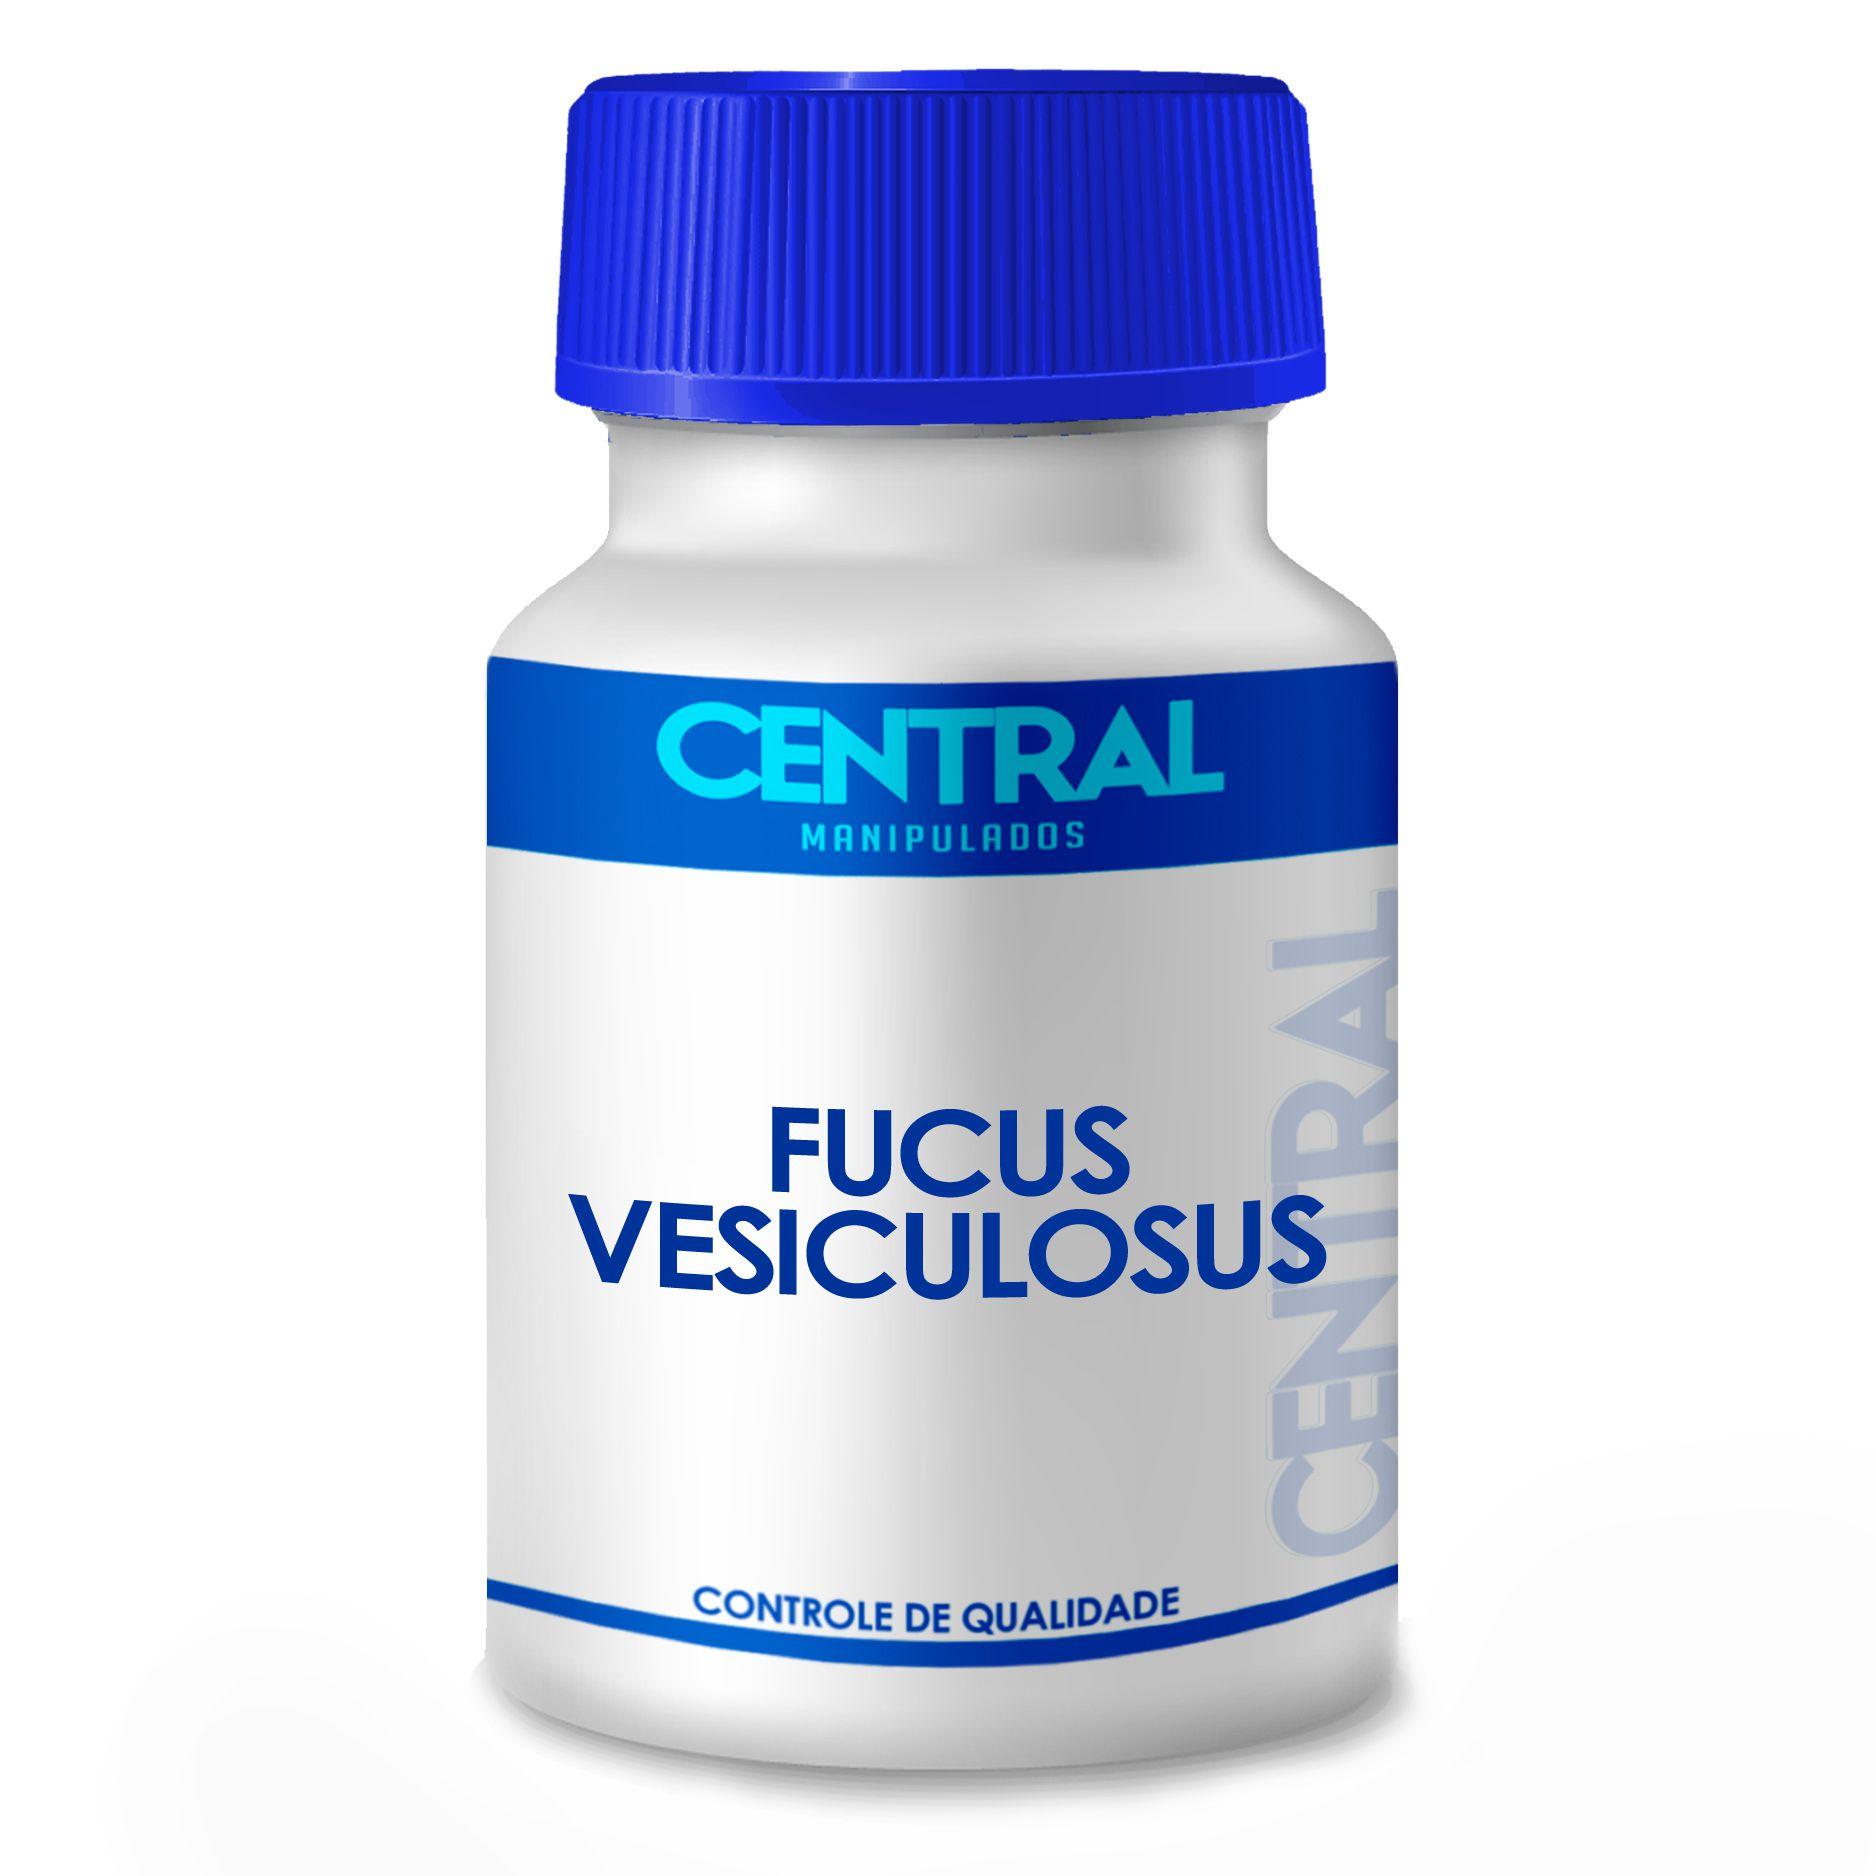 Fucus vesiculosus 150mg